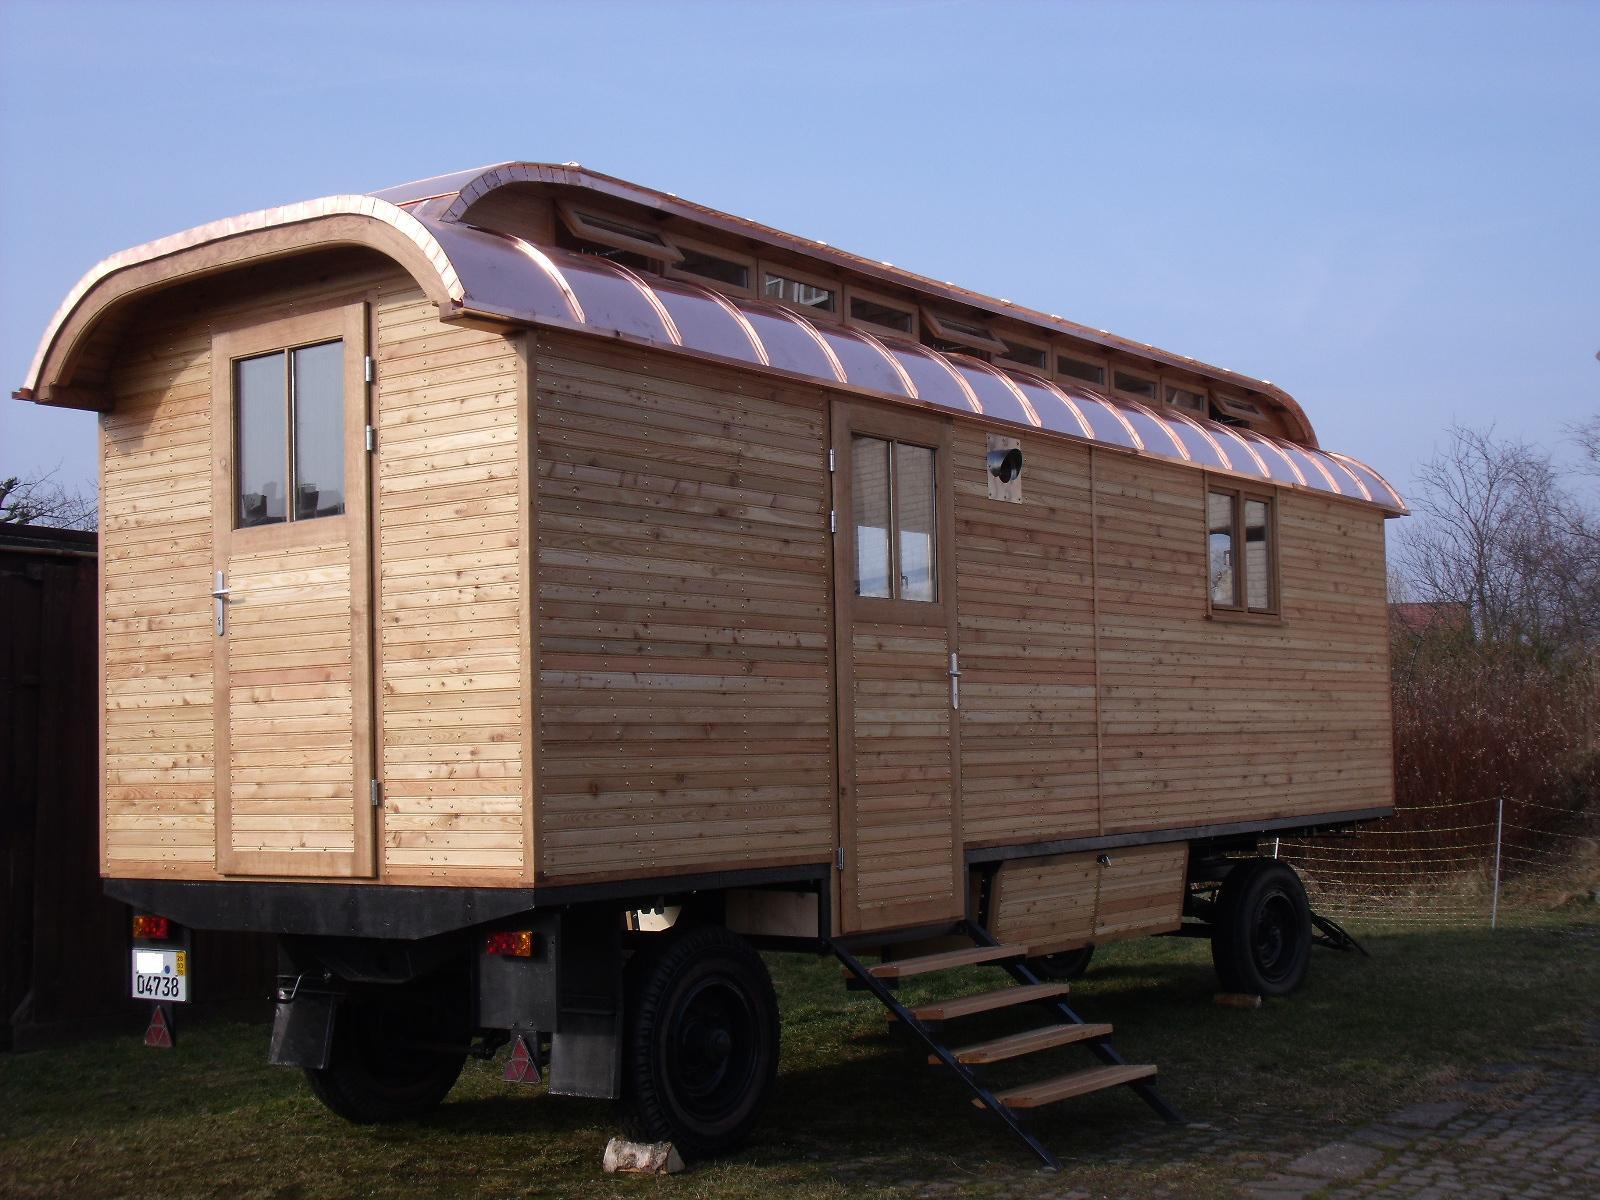 zirkuswagen oder oberlichtwagen gesucht in flensburg. Black Bedroom Furniture Sets. Home Design Ideas